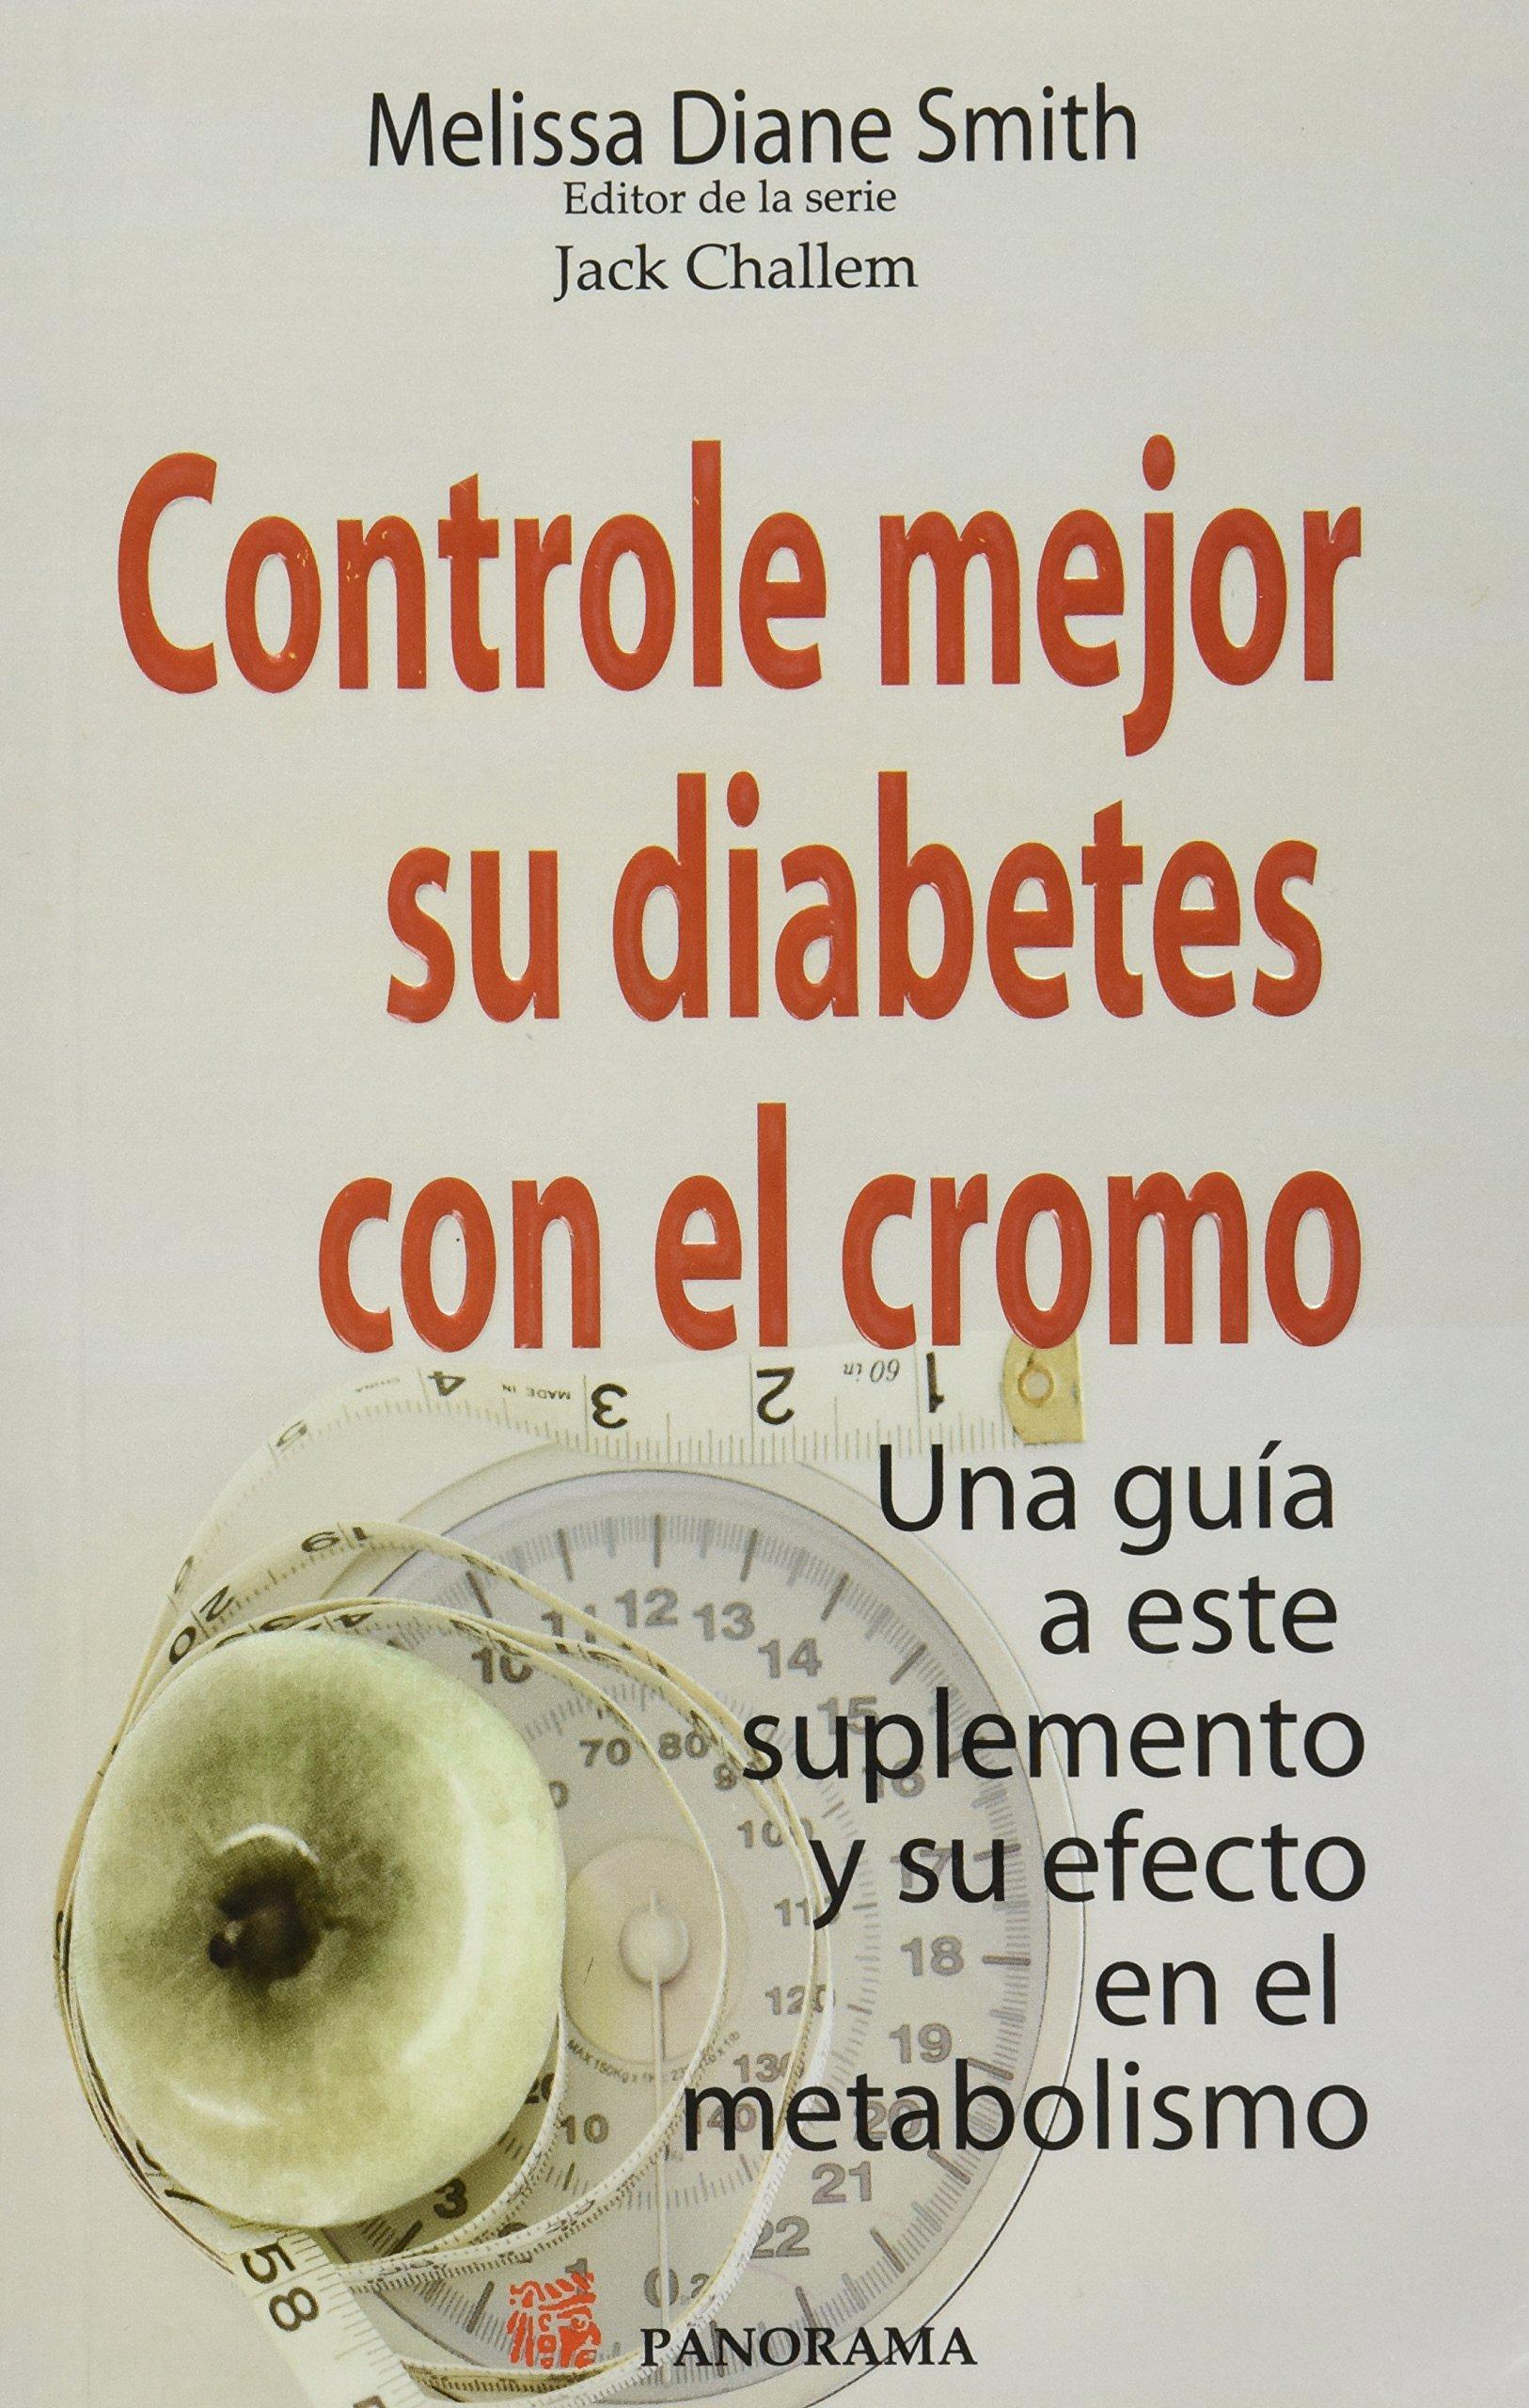 cromo en el metabolismo de la glucosa en diabetes